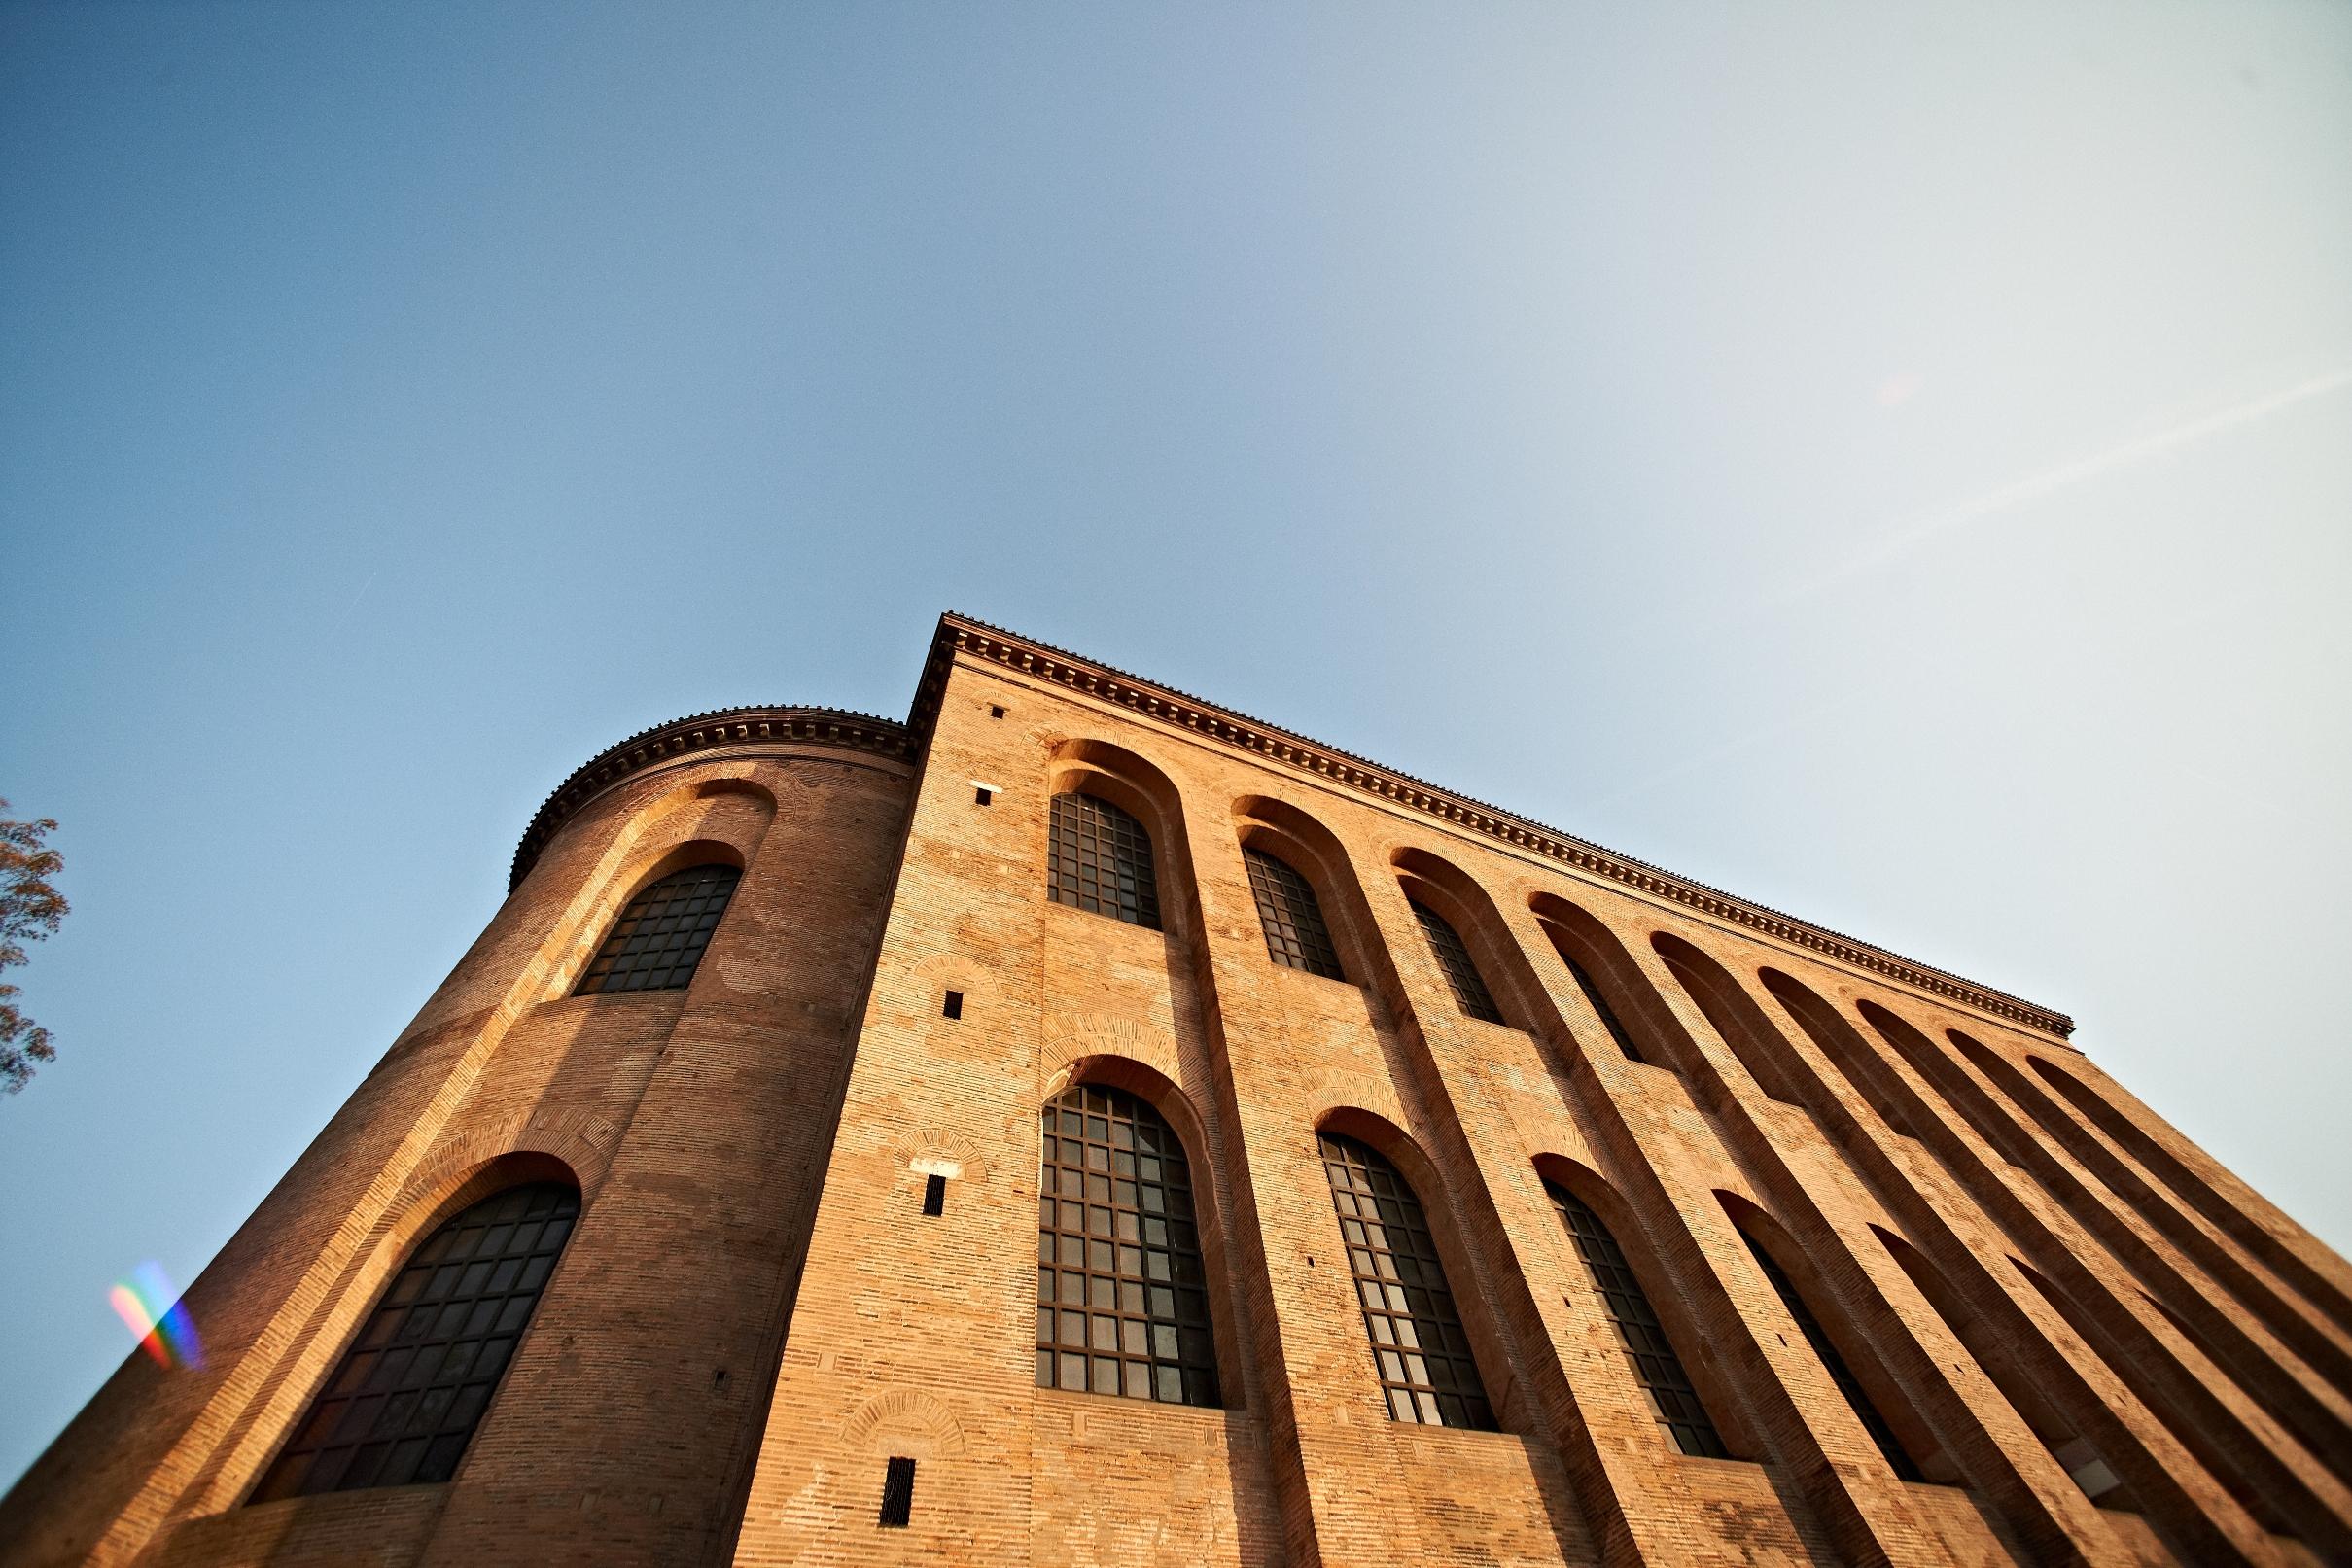 Die Konstantinbasilika, Teil des UNESCO-Weltkulturerbes in Trier, Römerstadt